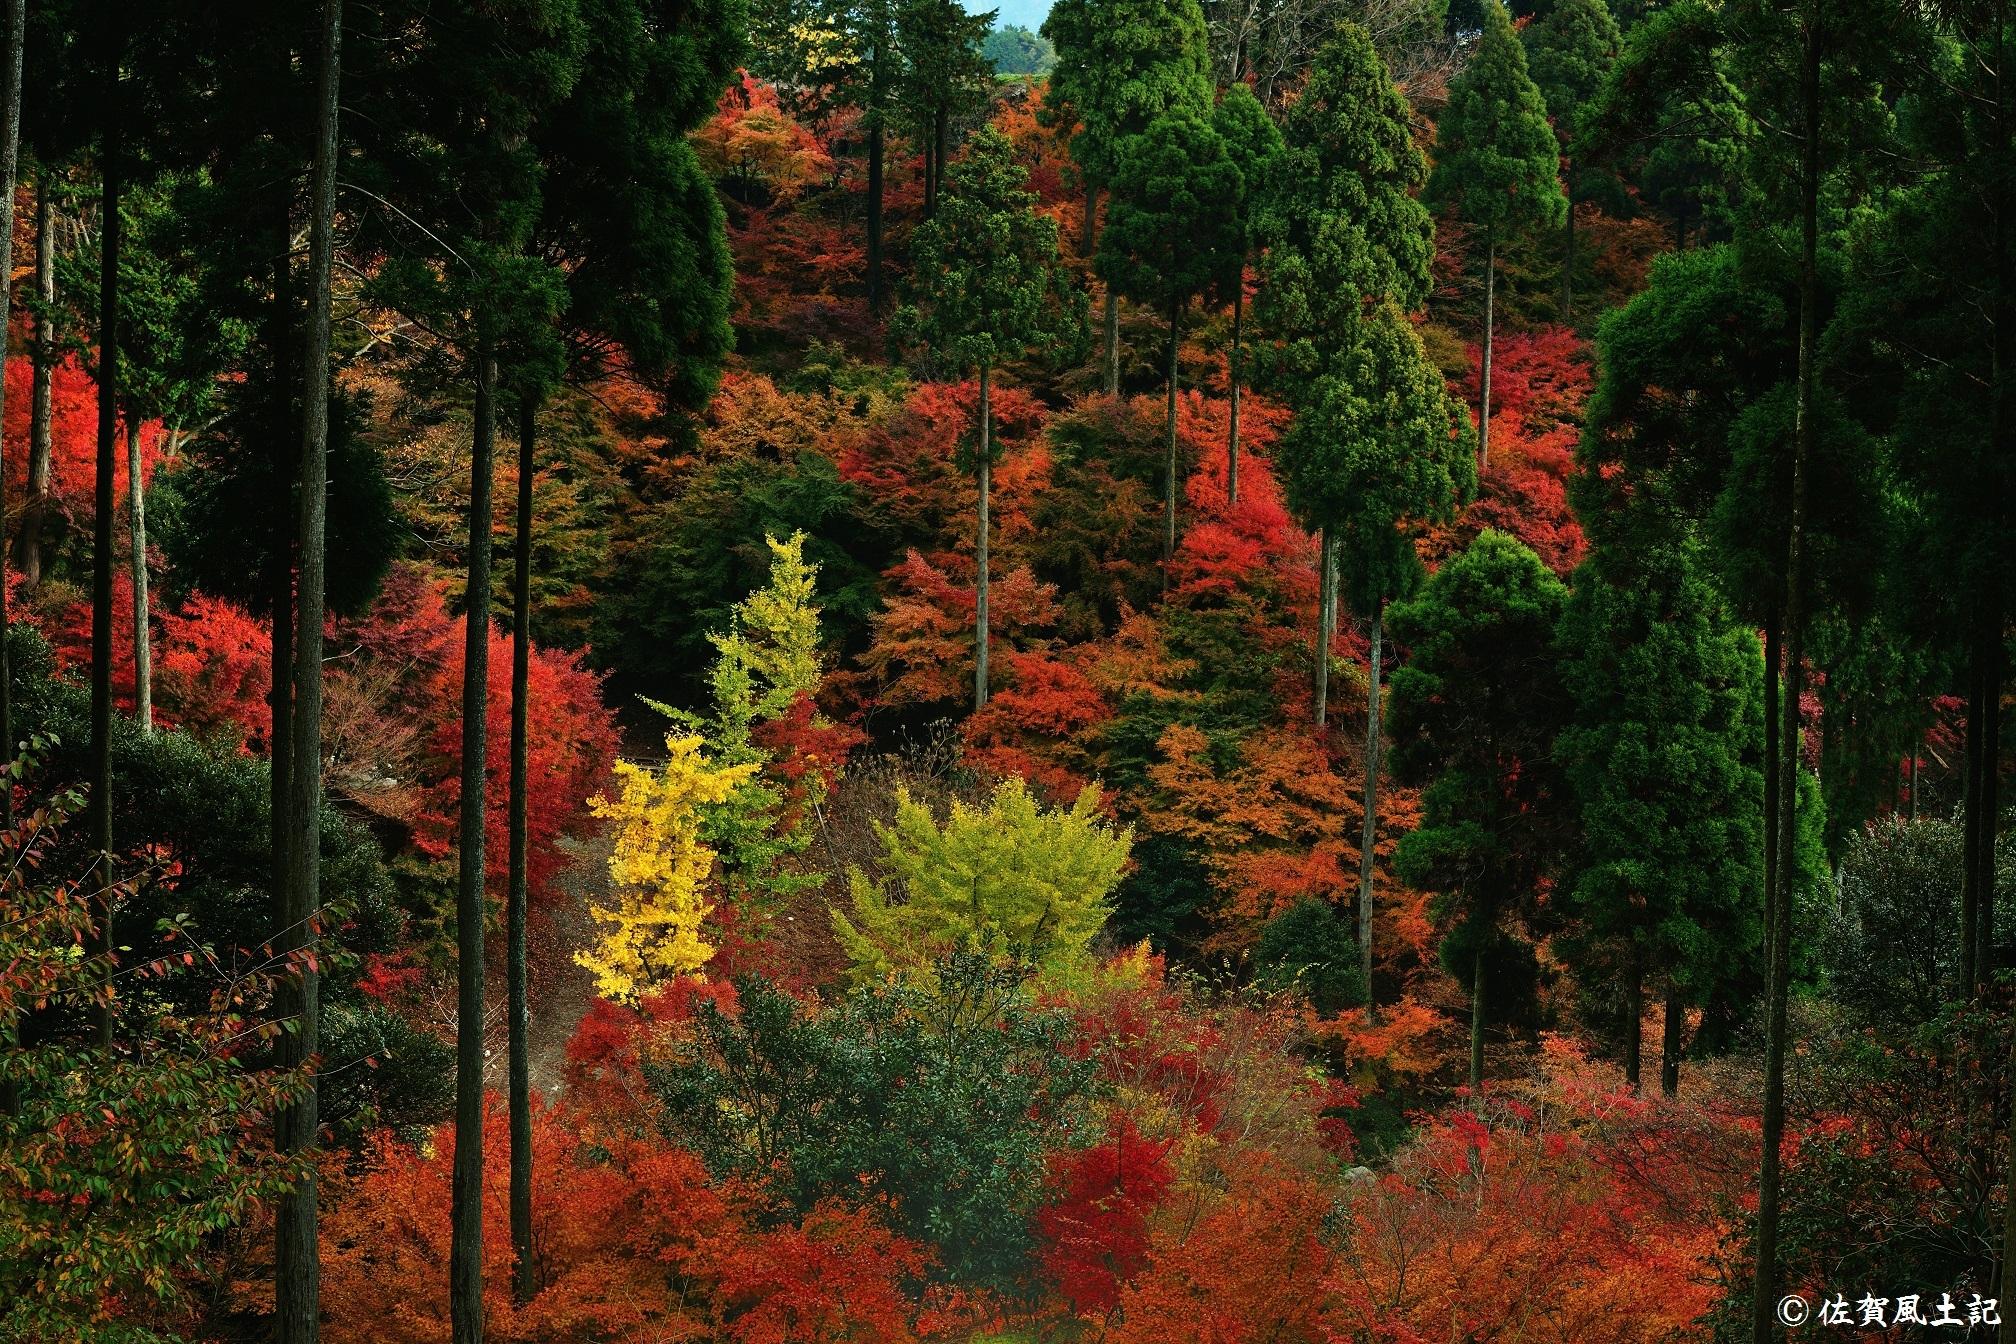 紅葉爛熟之景